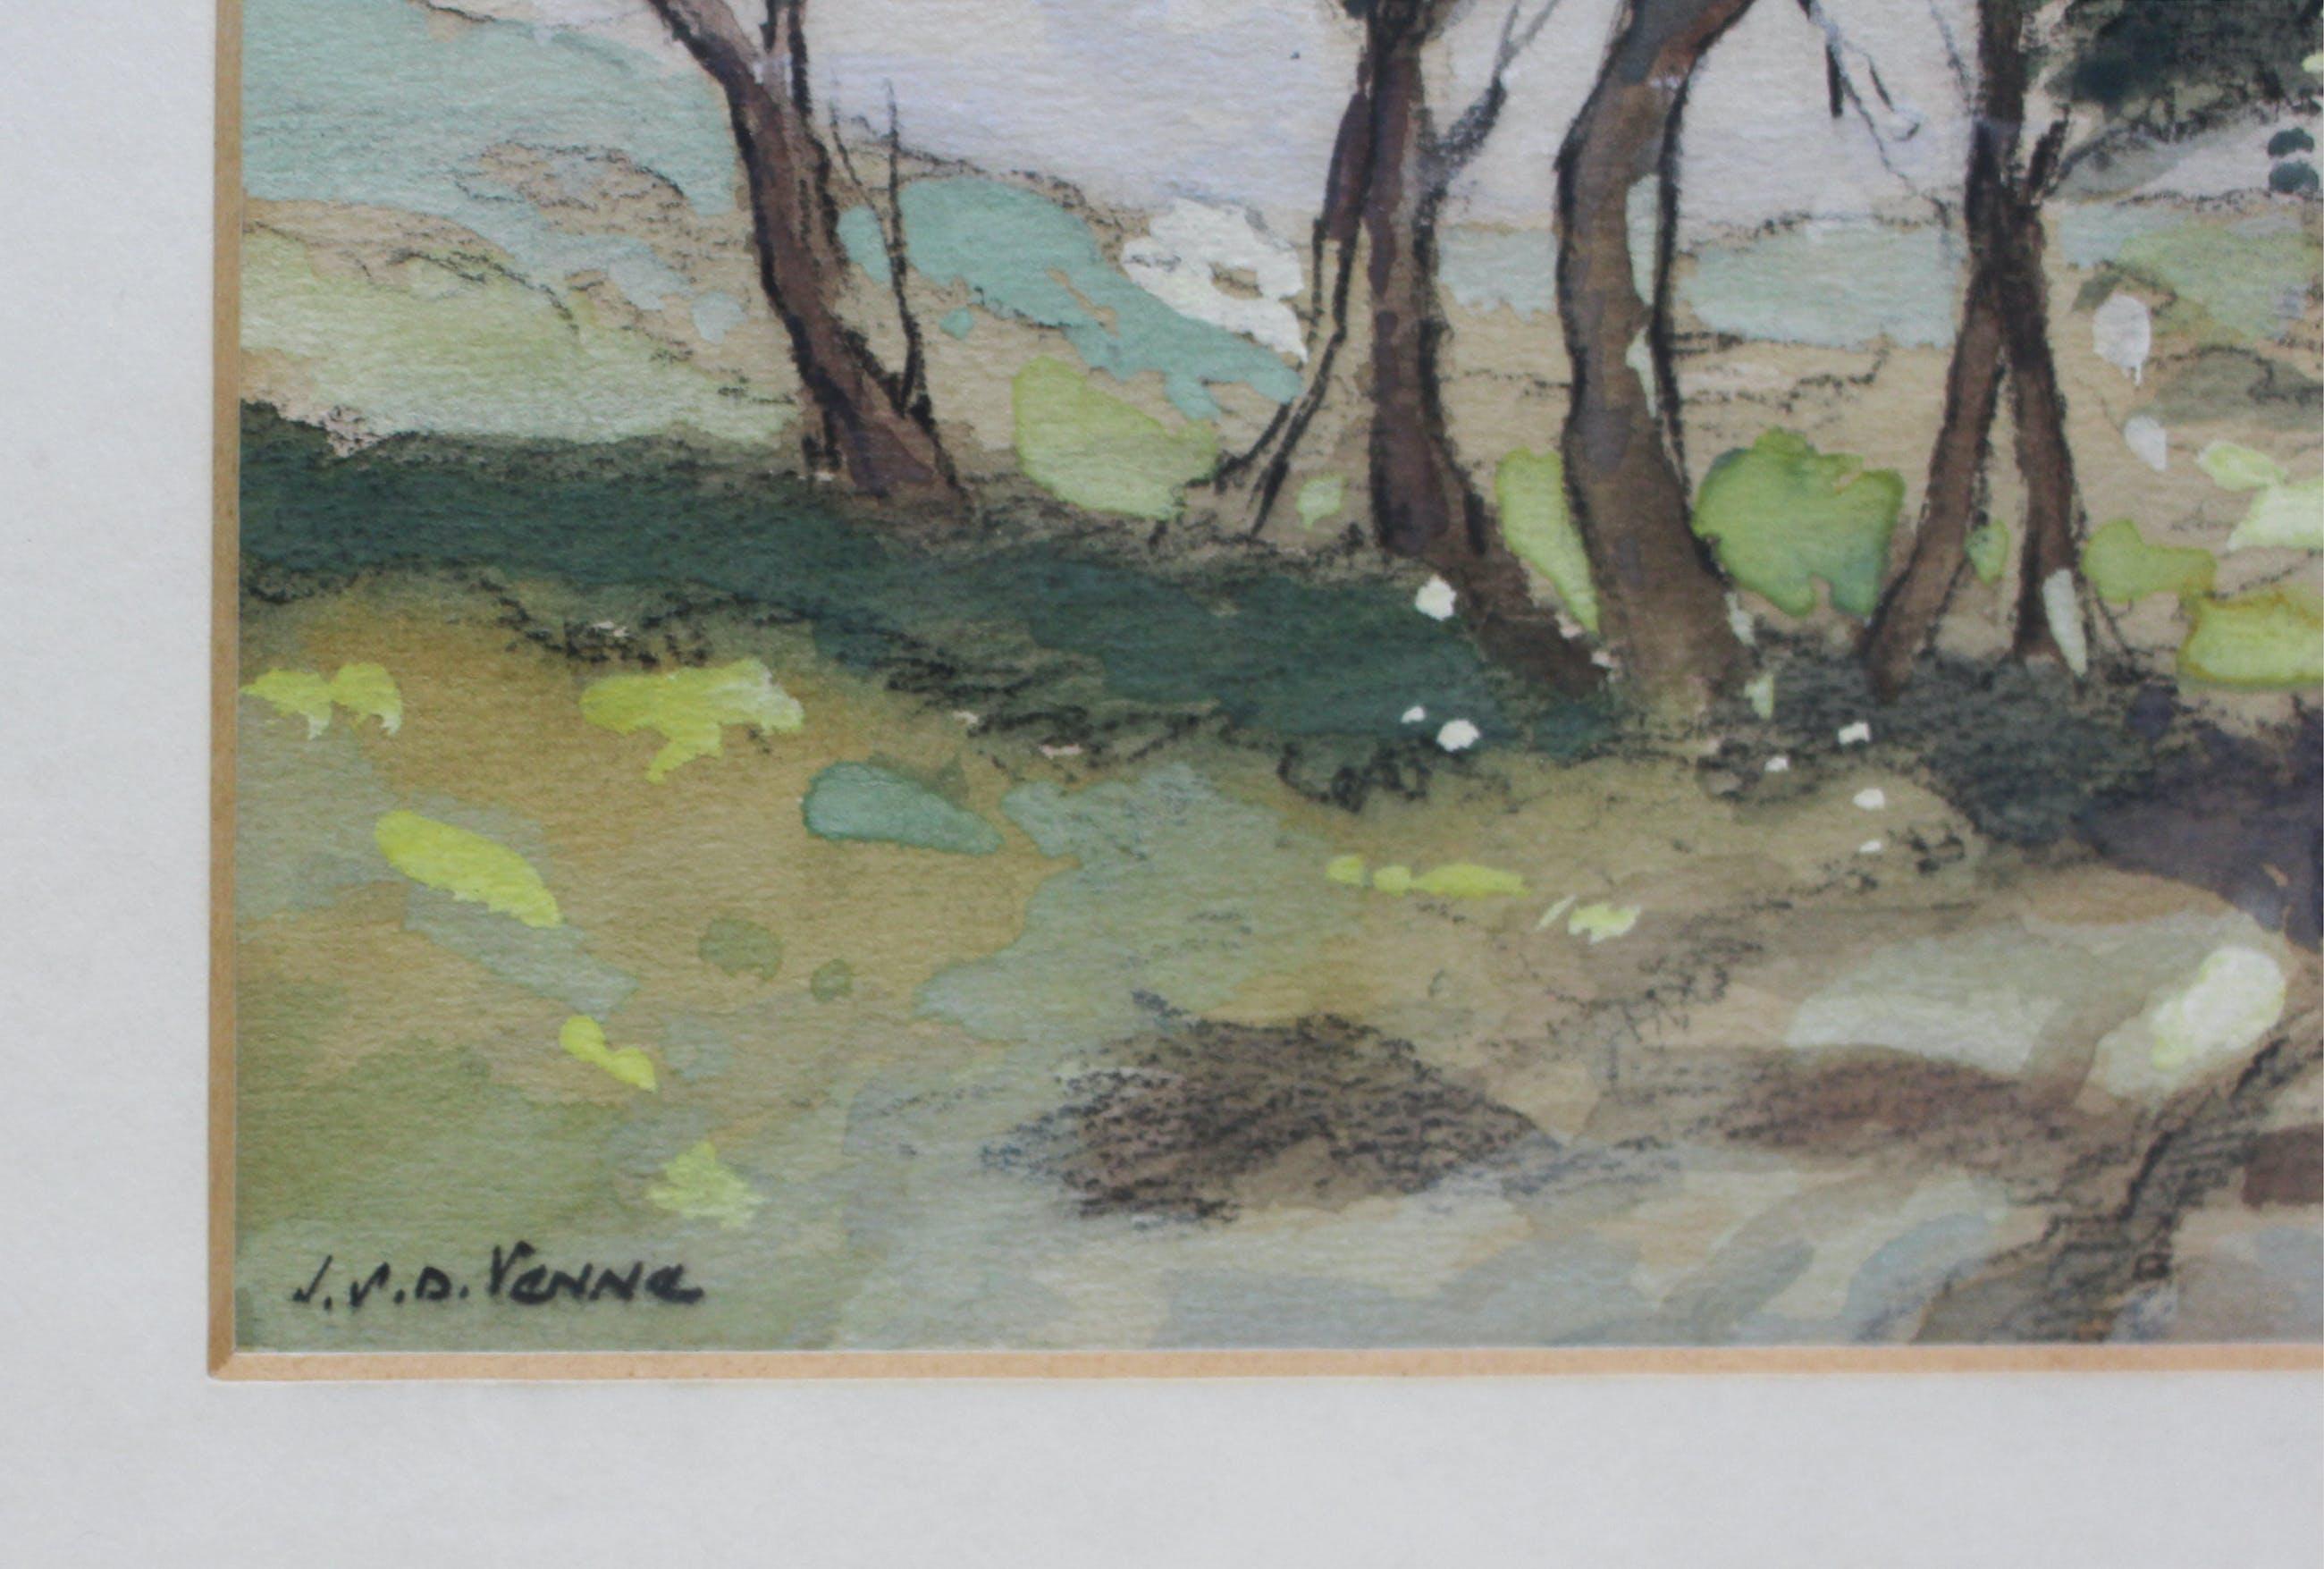 Jan Simon Knikker (jr.) - aquarel gesigneerd J. v.d. Venne (ps. voor Jan Knikker jr.) kopen? Bied vanaf 60!